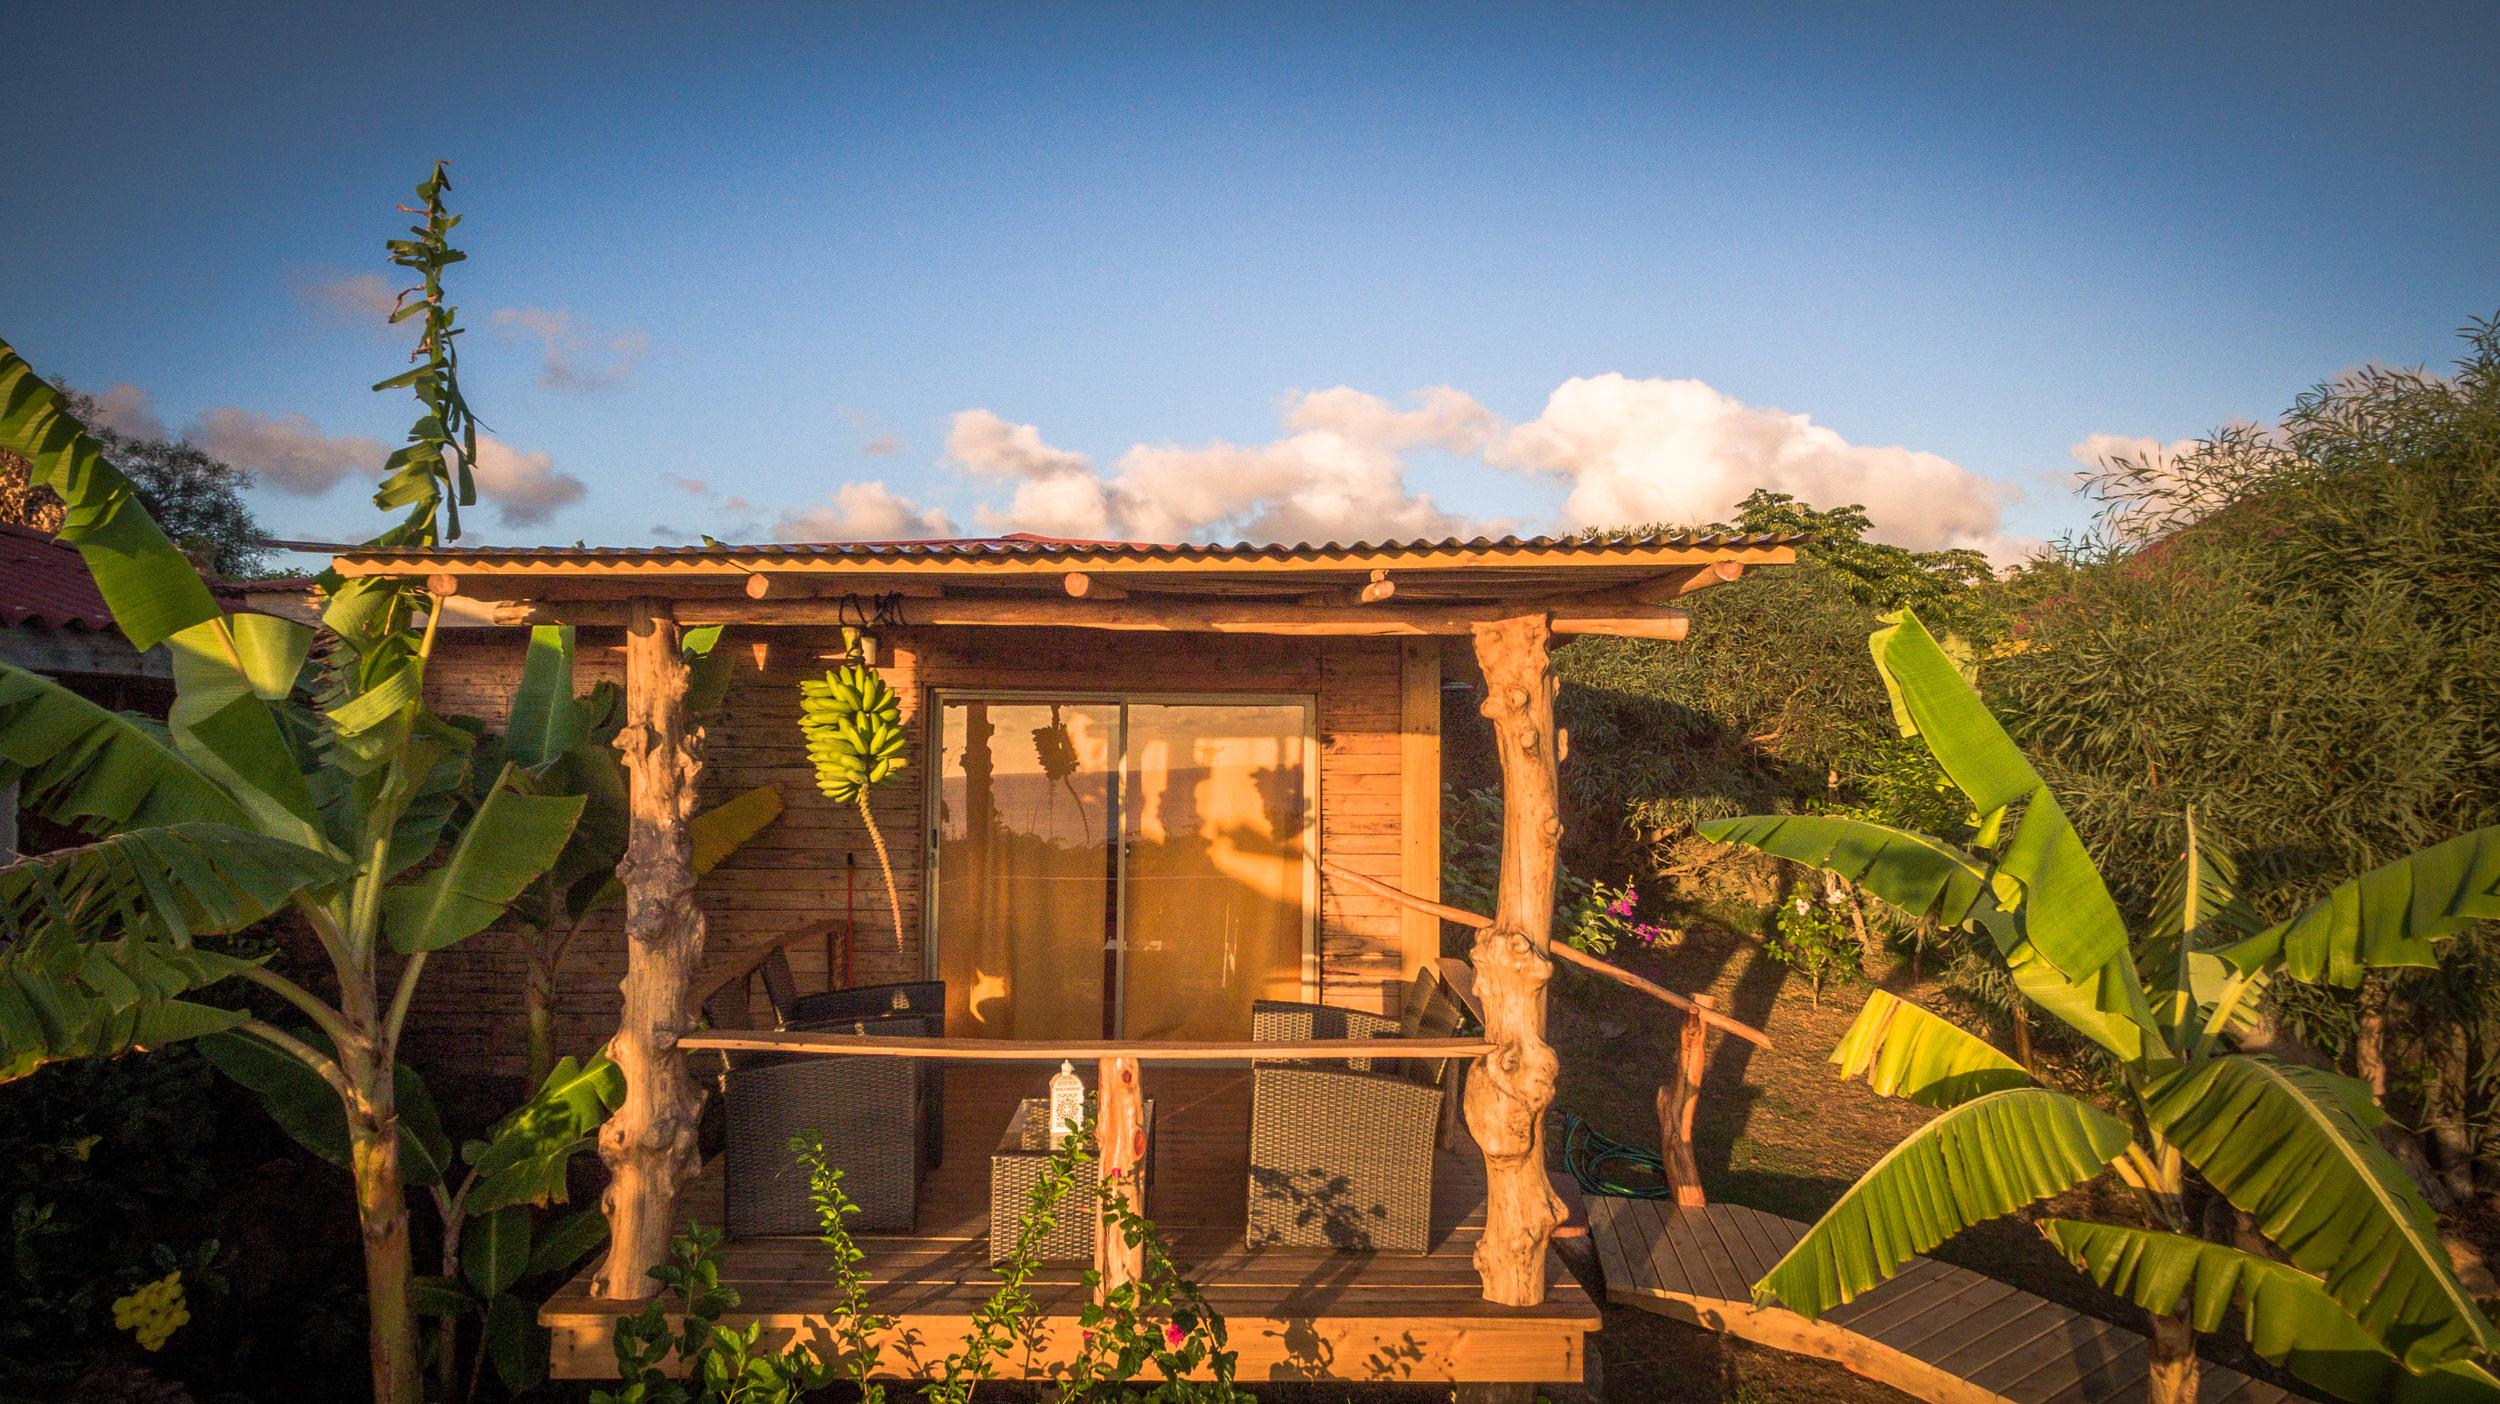 alojamiento en isla de pascua - Cabanas - Kona Koa Lodge 4